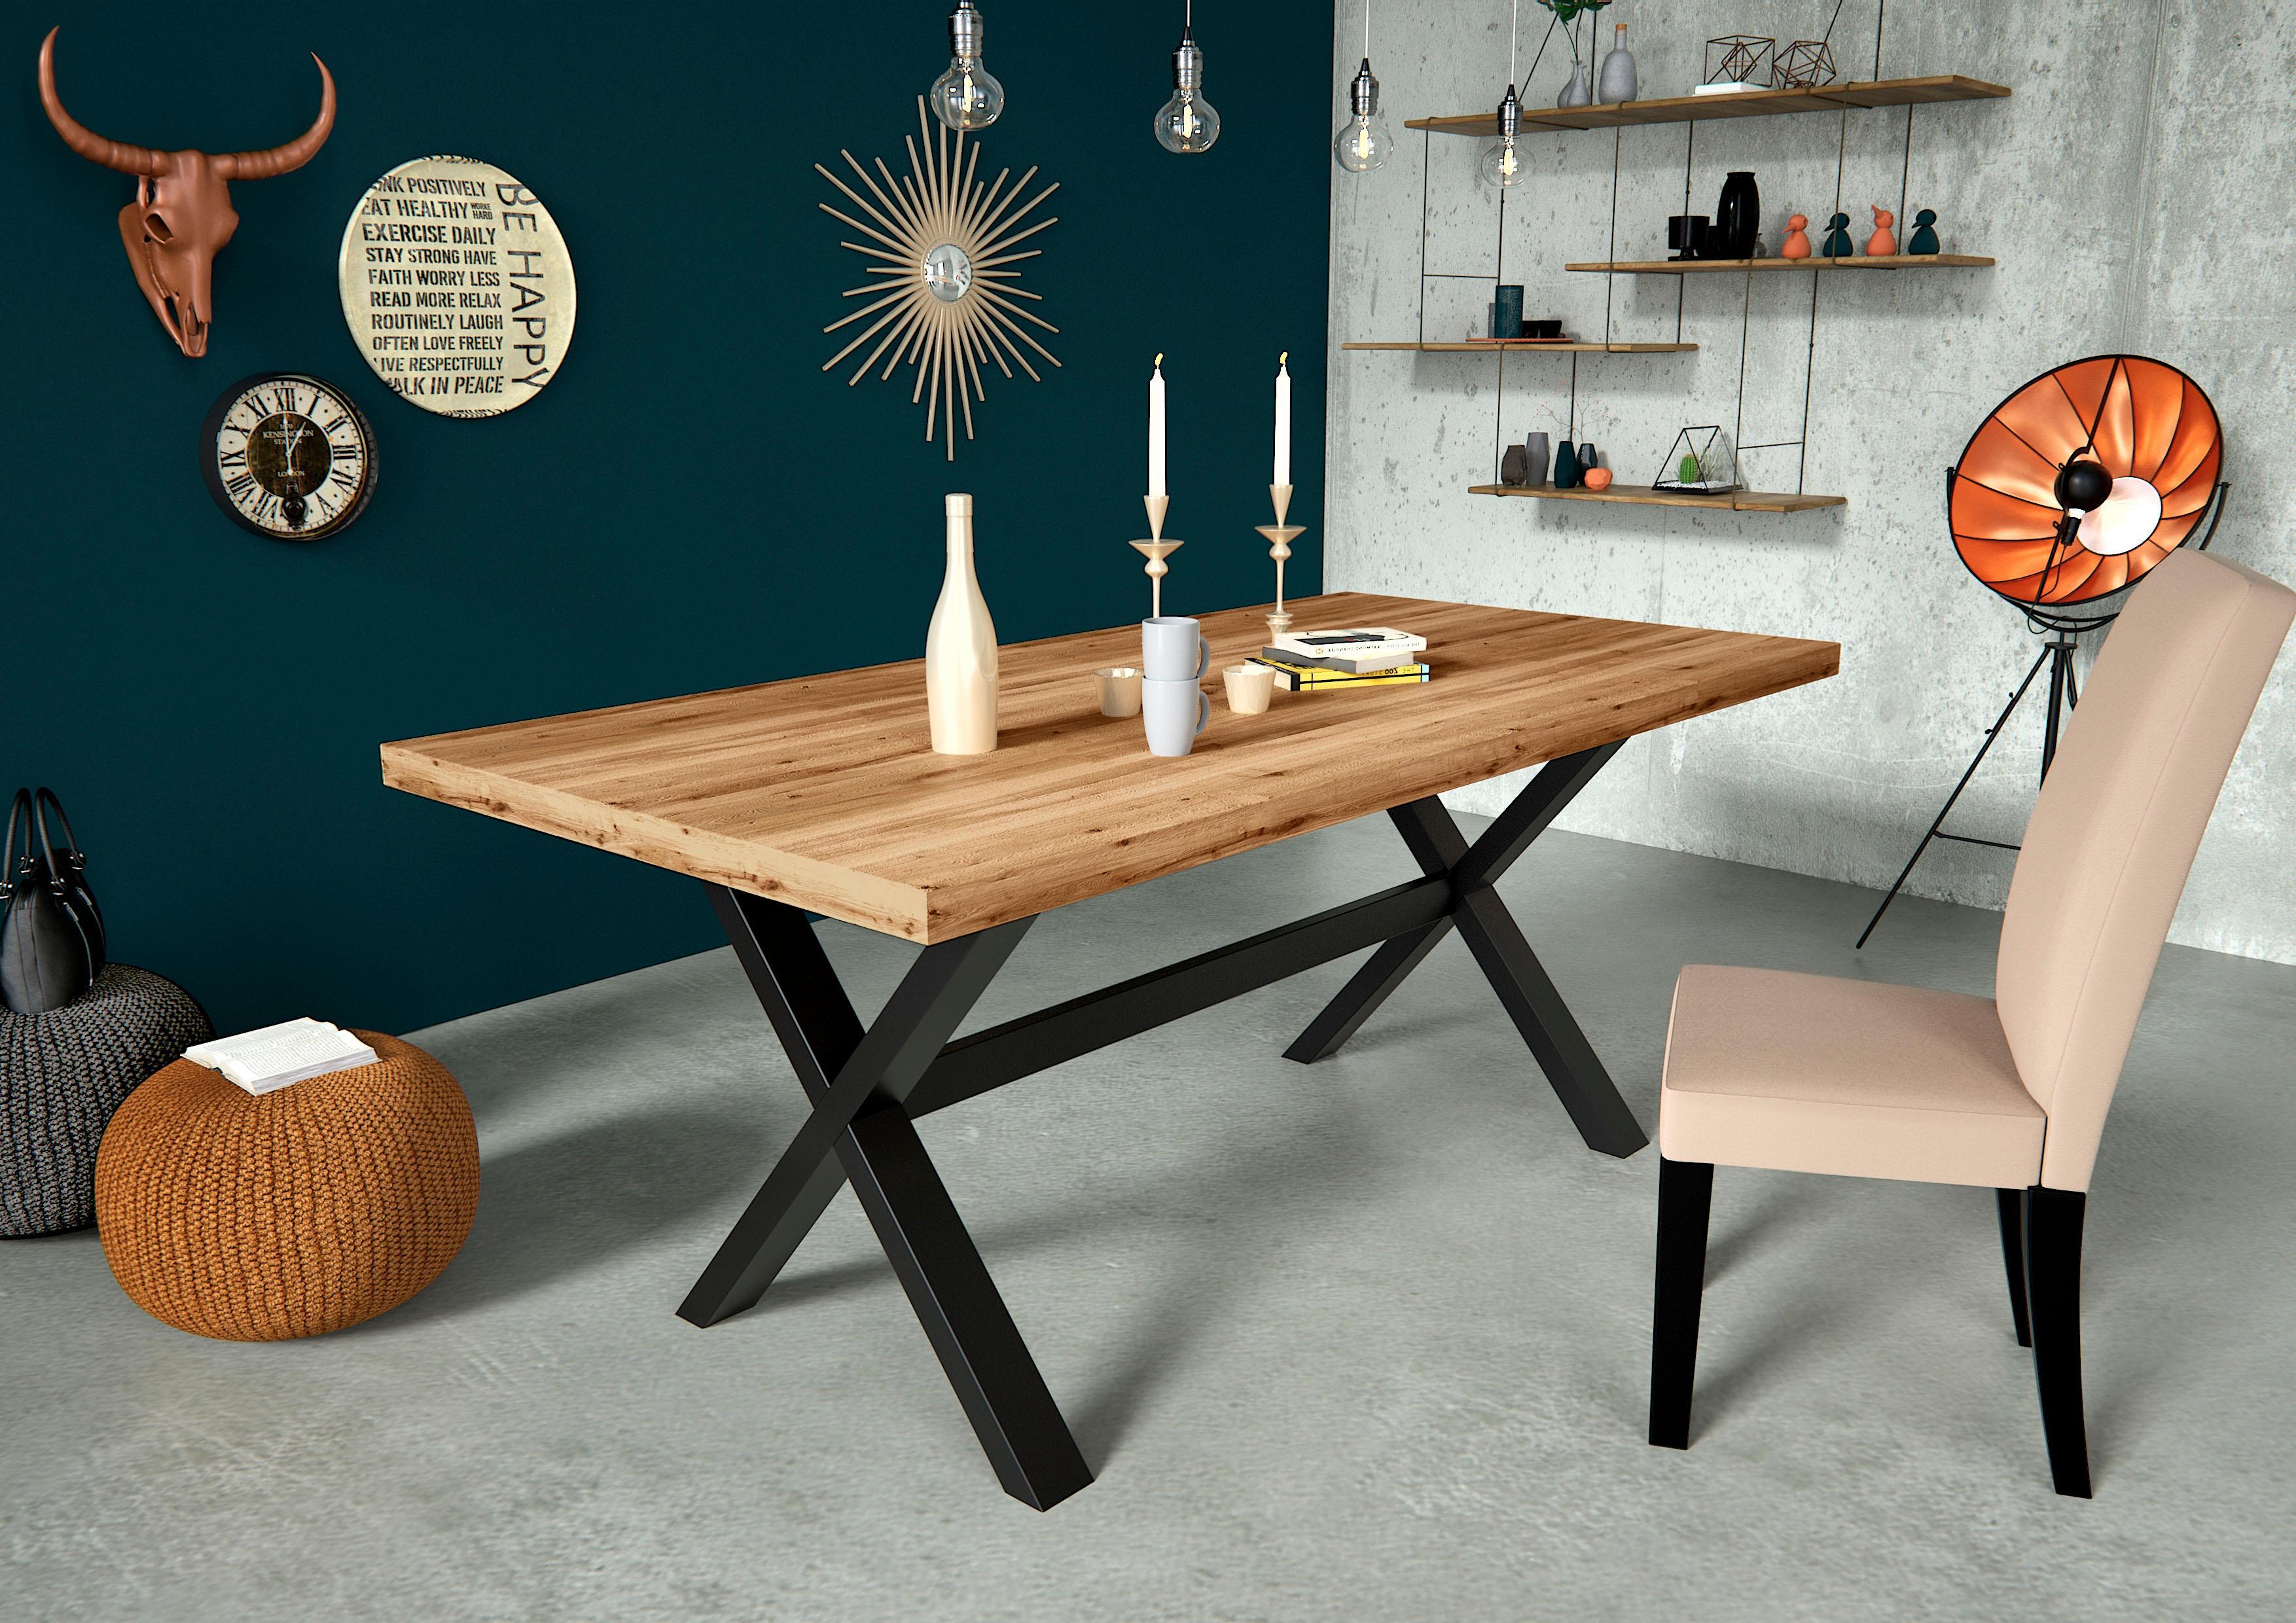 Home affaire Esstisch Concepto aus Keilverzinkter Eiche mit massiven Eichenholzbeinen in schwarz metallischer Optik Breite 180 cm